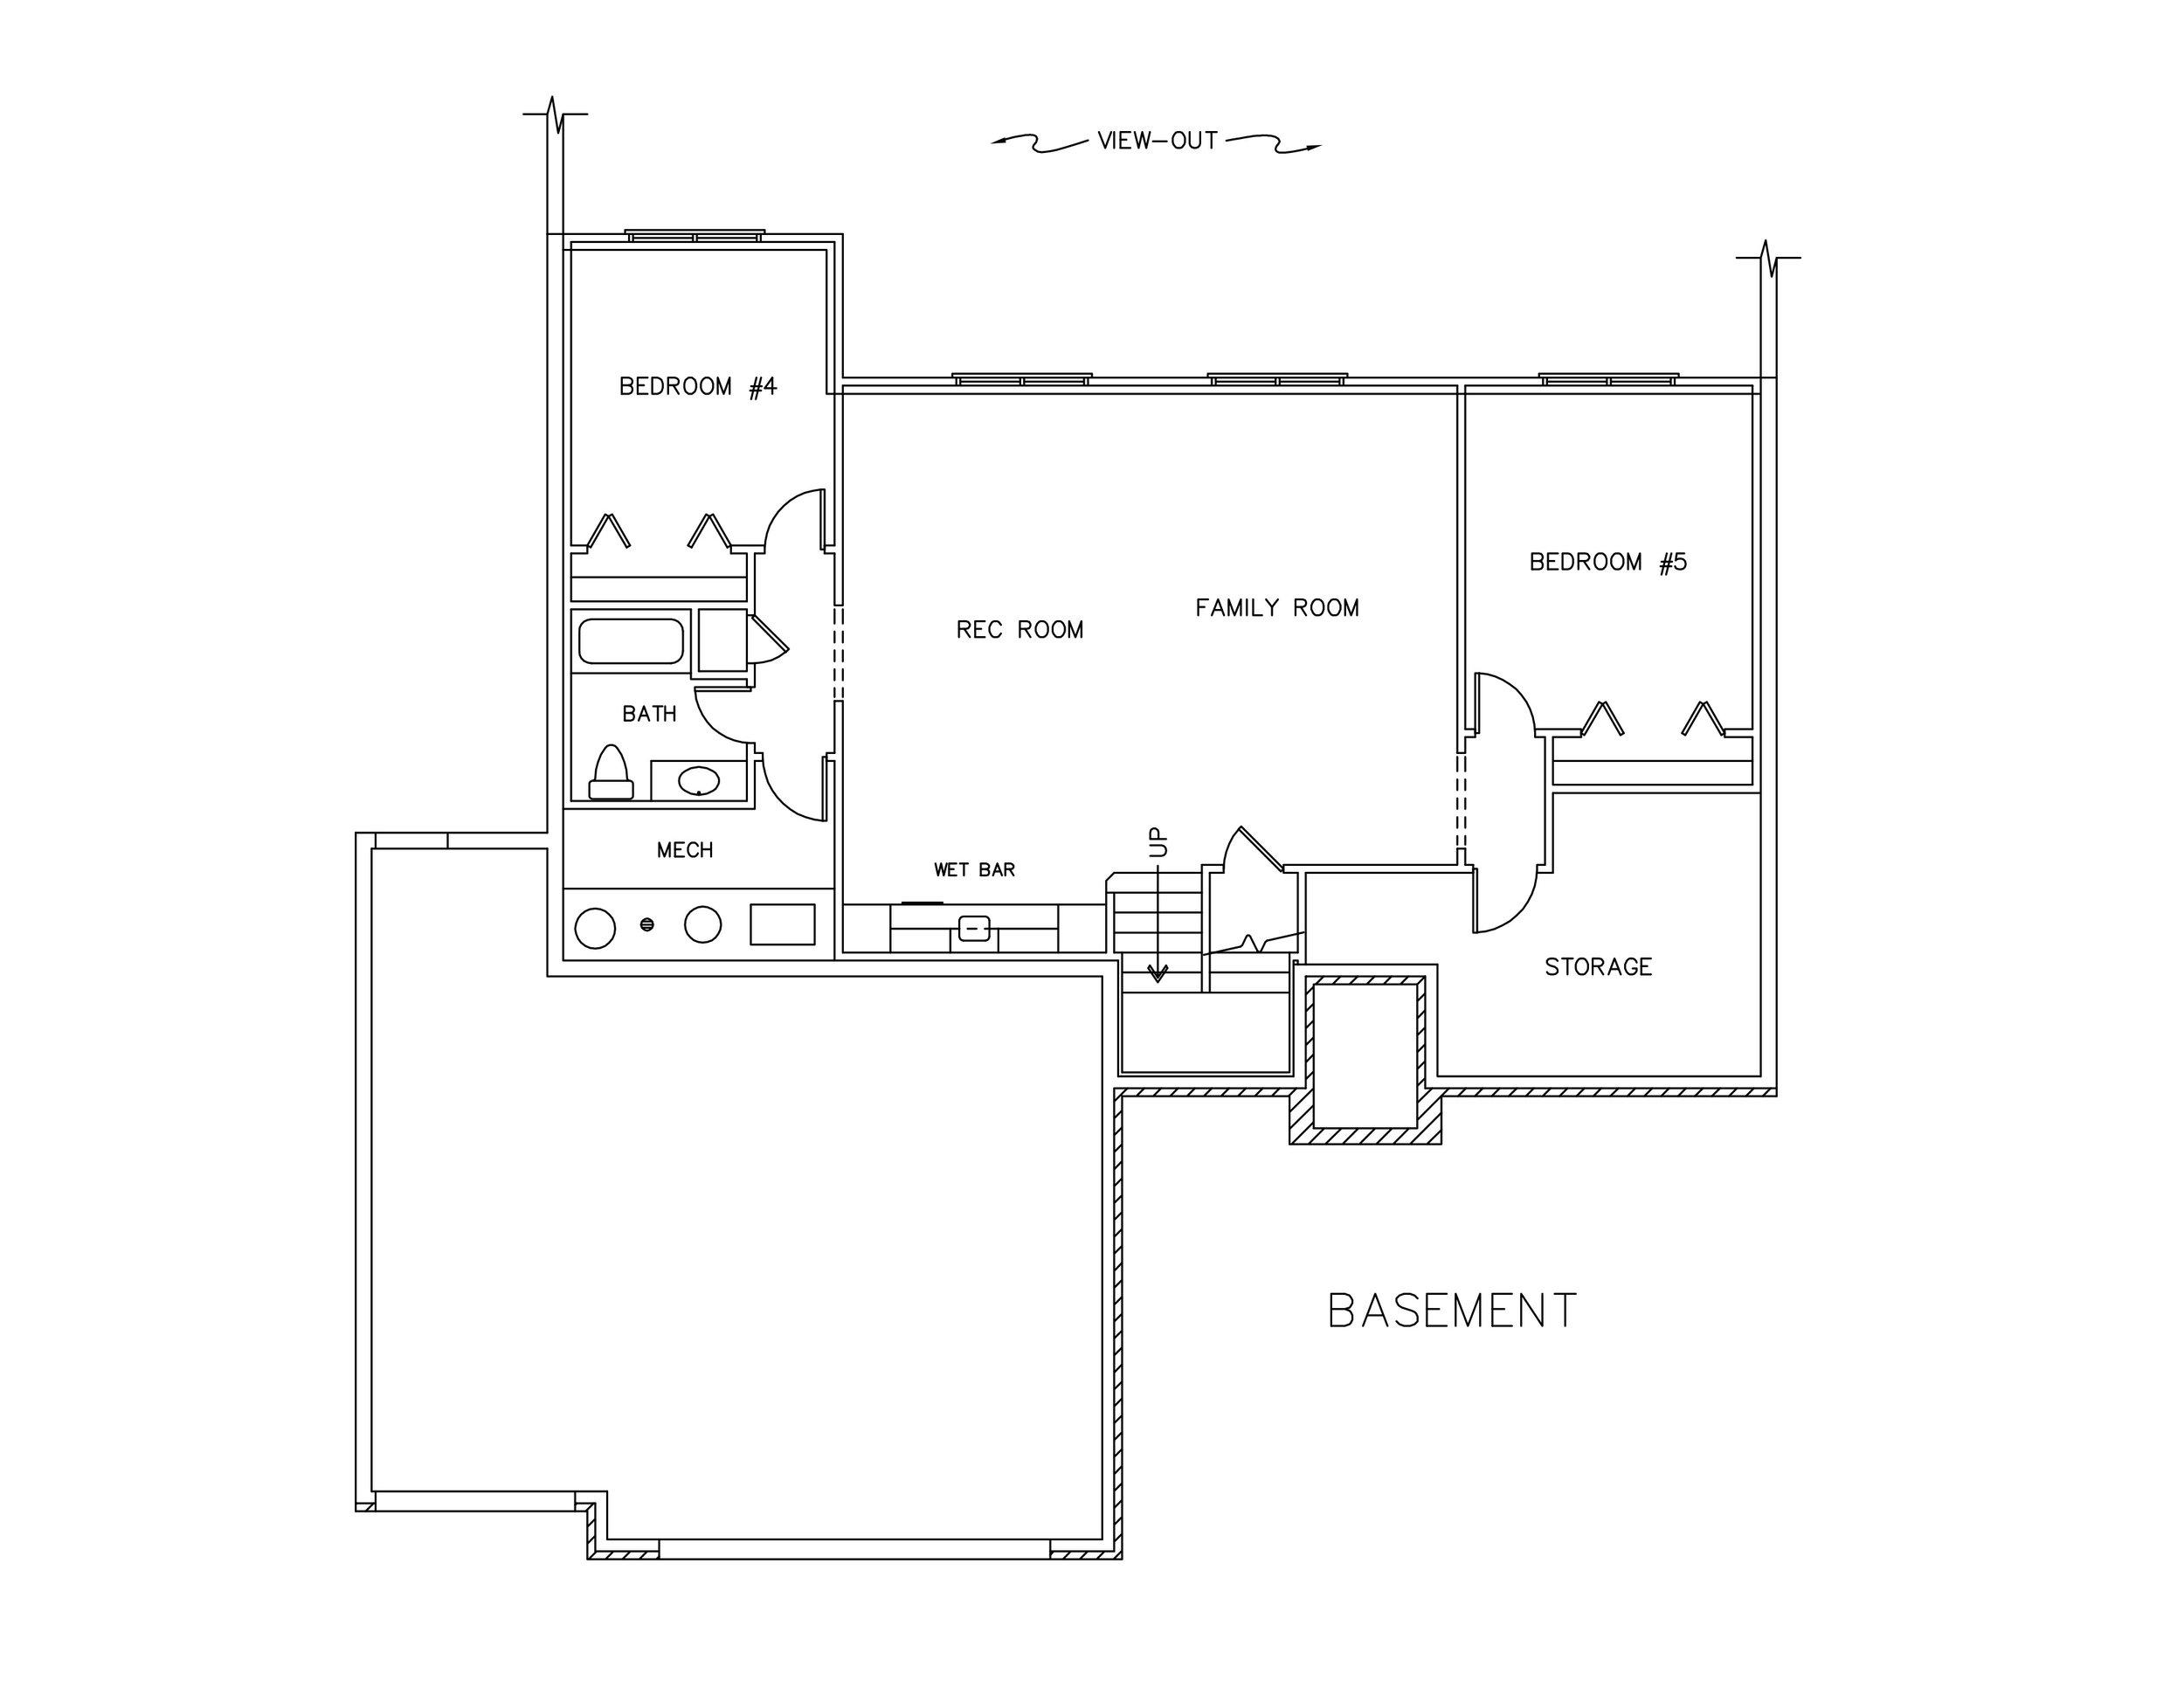 1506 Plan BSMT by Margreiter